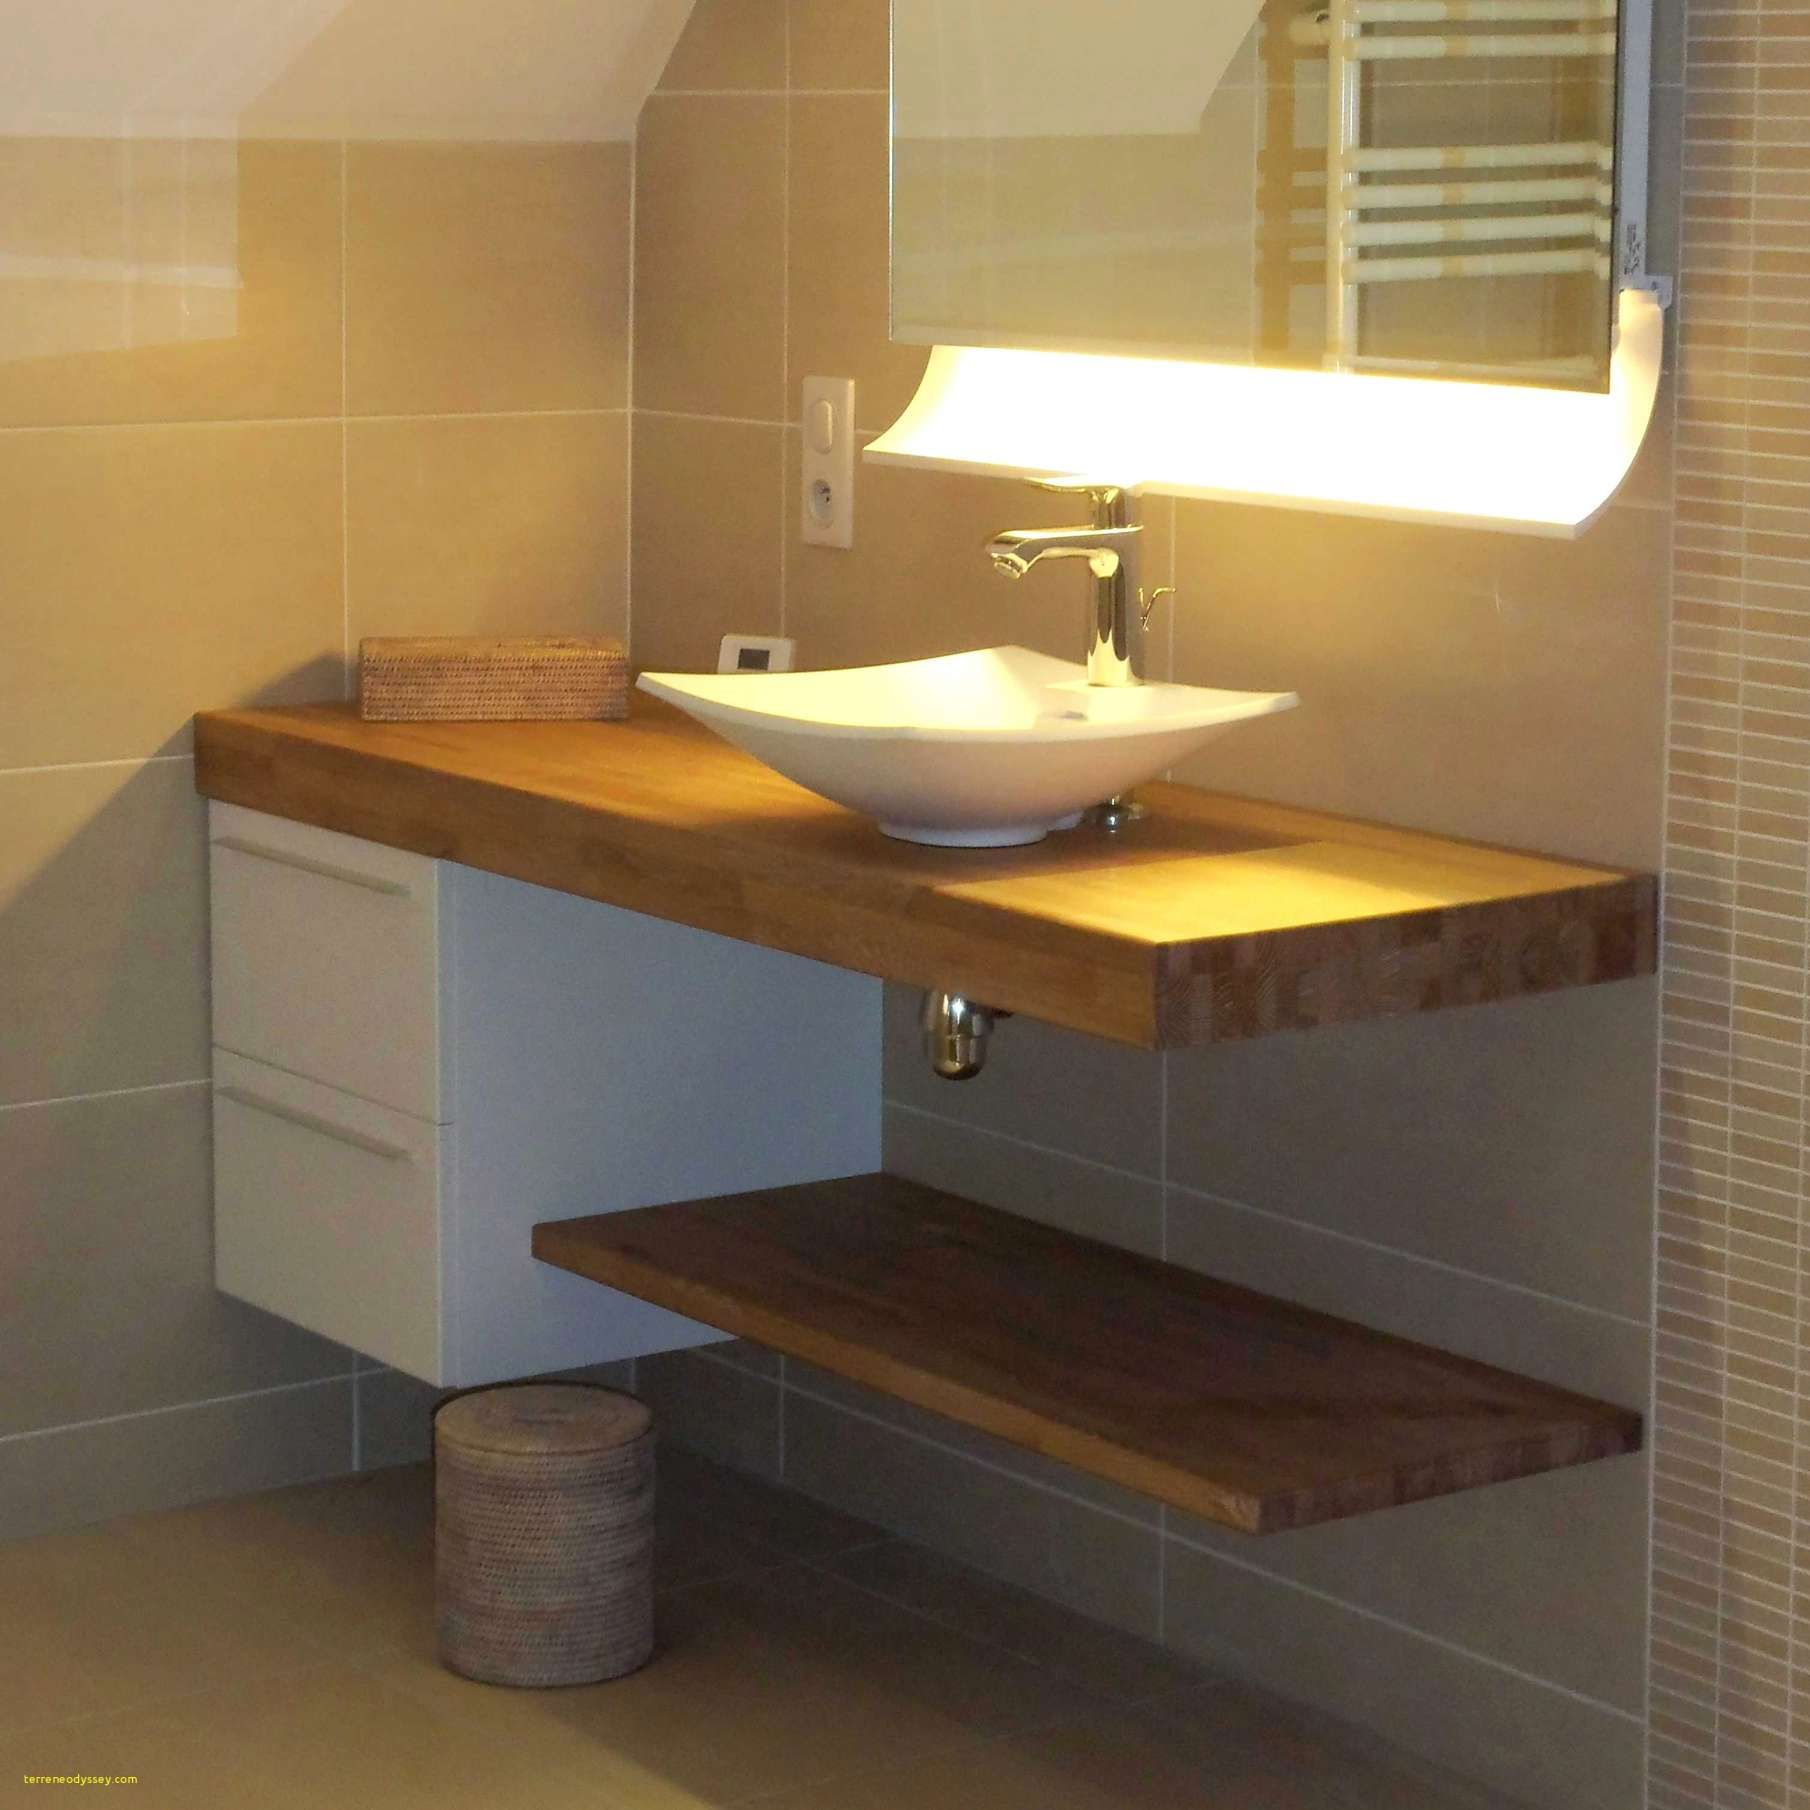 Fabriquer Meuble Salle De Bain Plan De Travail Lavabo Salle De Bain Fabriquer Meuble Vasque 15 Fabriquer Meuble Salle De Bain En 2020 Amenagement Salle De Bain Travaux Salle De